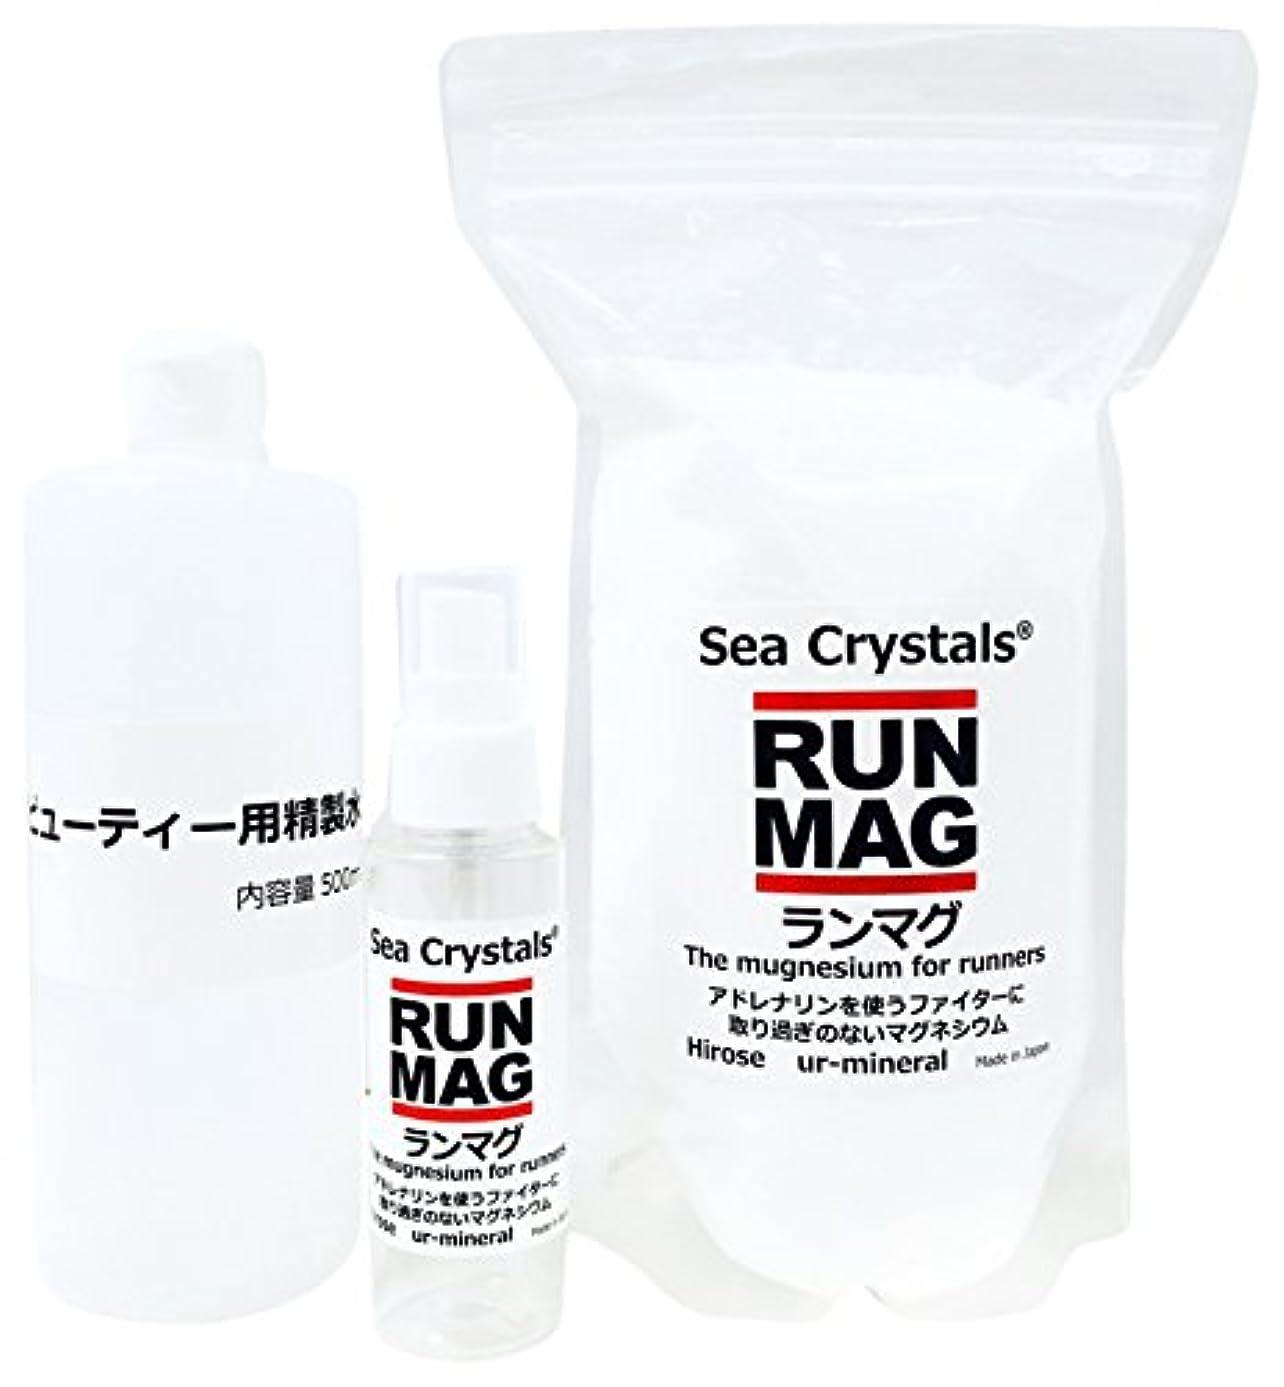 寝室を掃除する構成する残基ランマグ?マグネシウムオイル 500g 化粧品登録 日本製 1日マグネシウム360mg使用  精製水付き